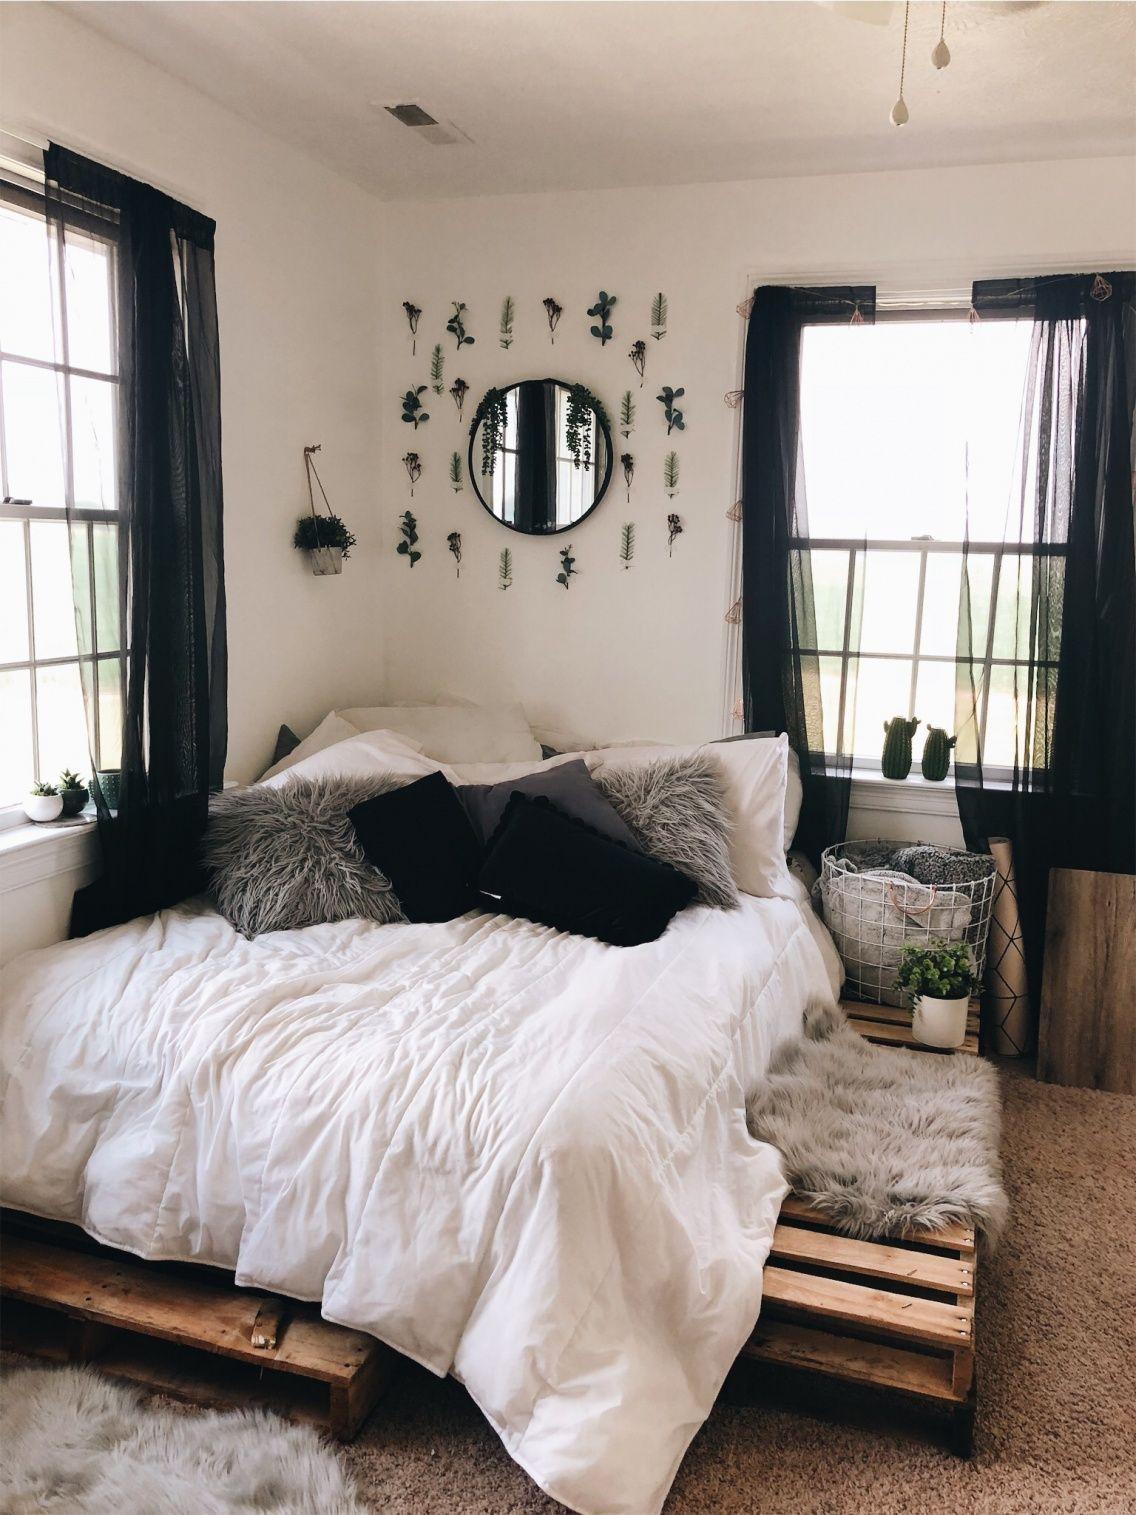 Window side bed  vsco  madiiiimcg  rooms  in   pinterest  interior design